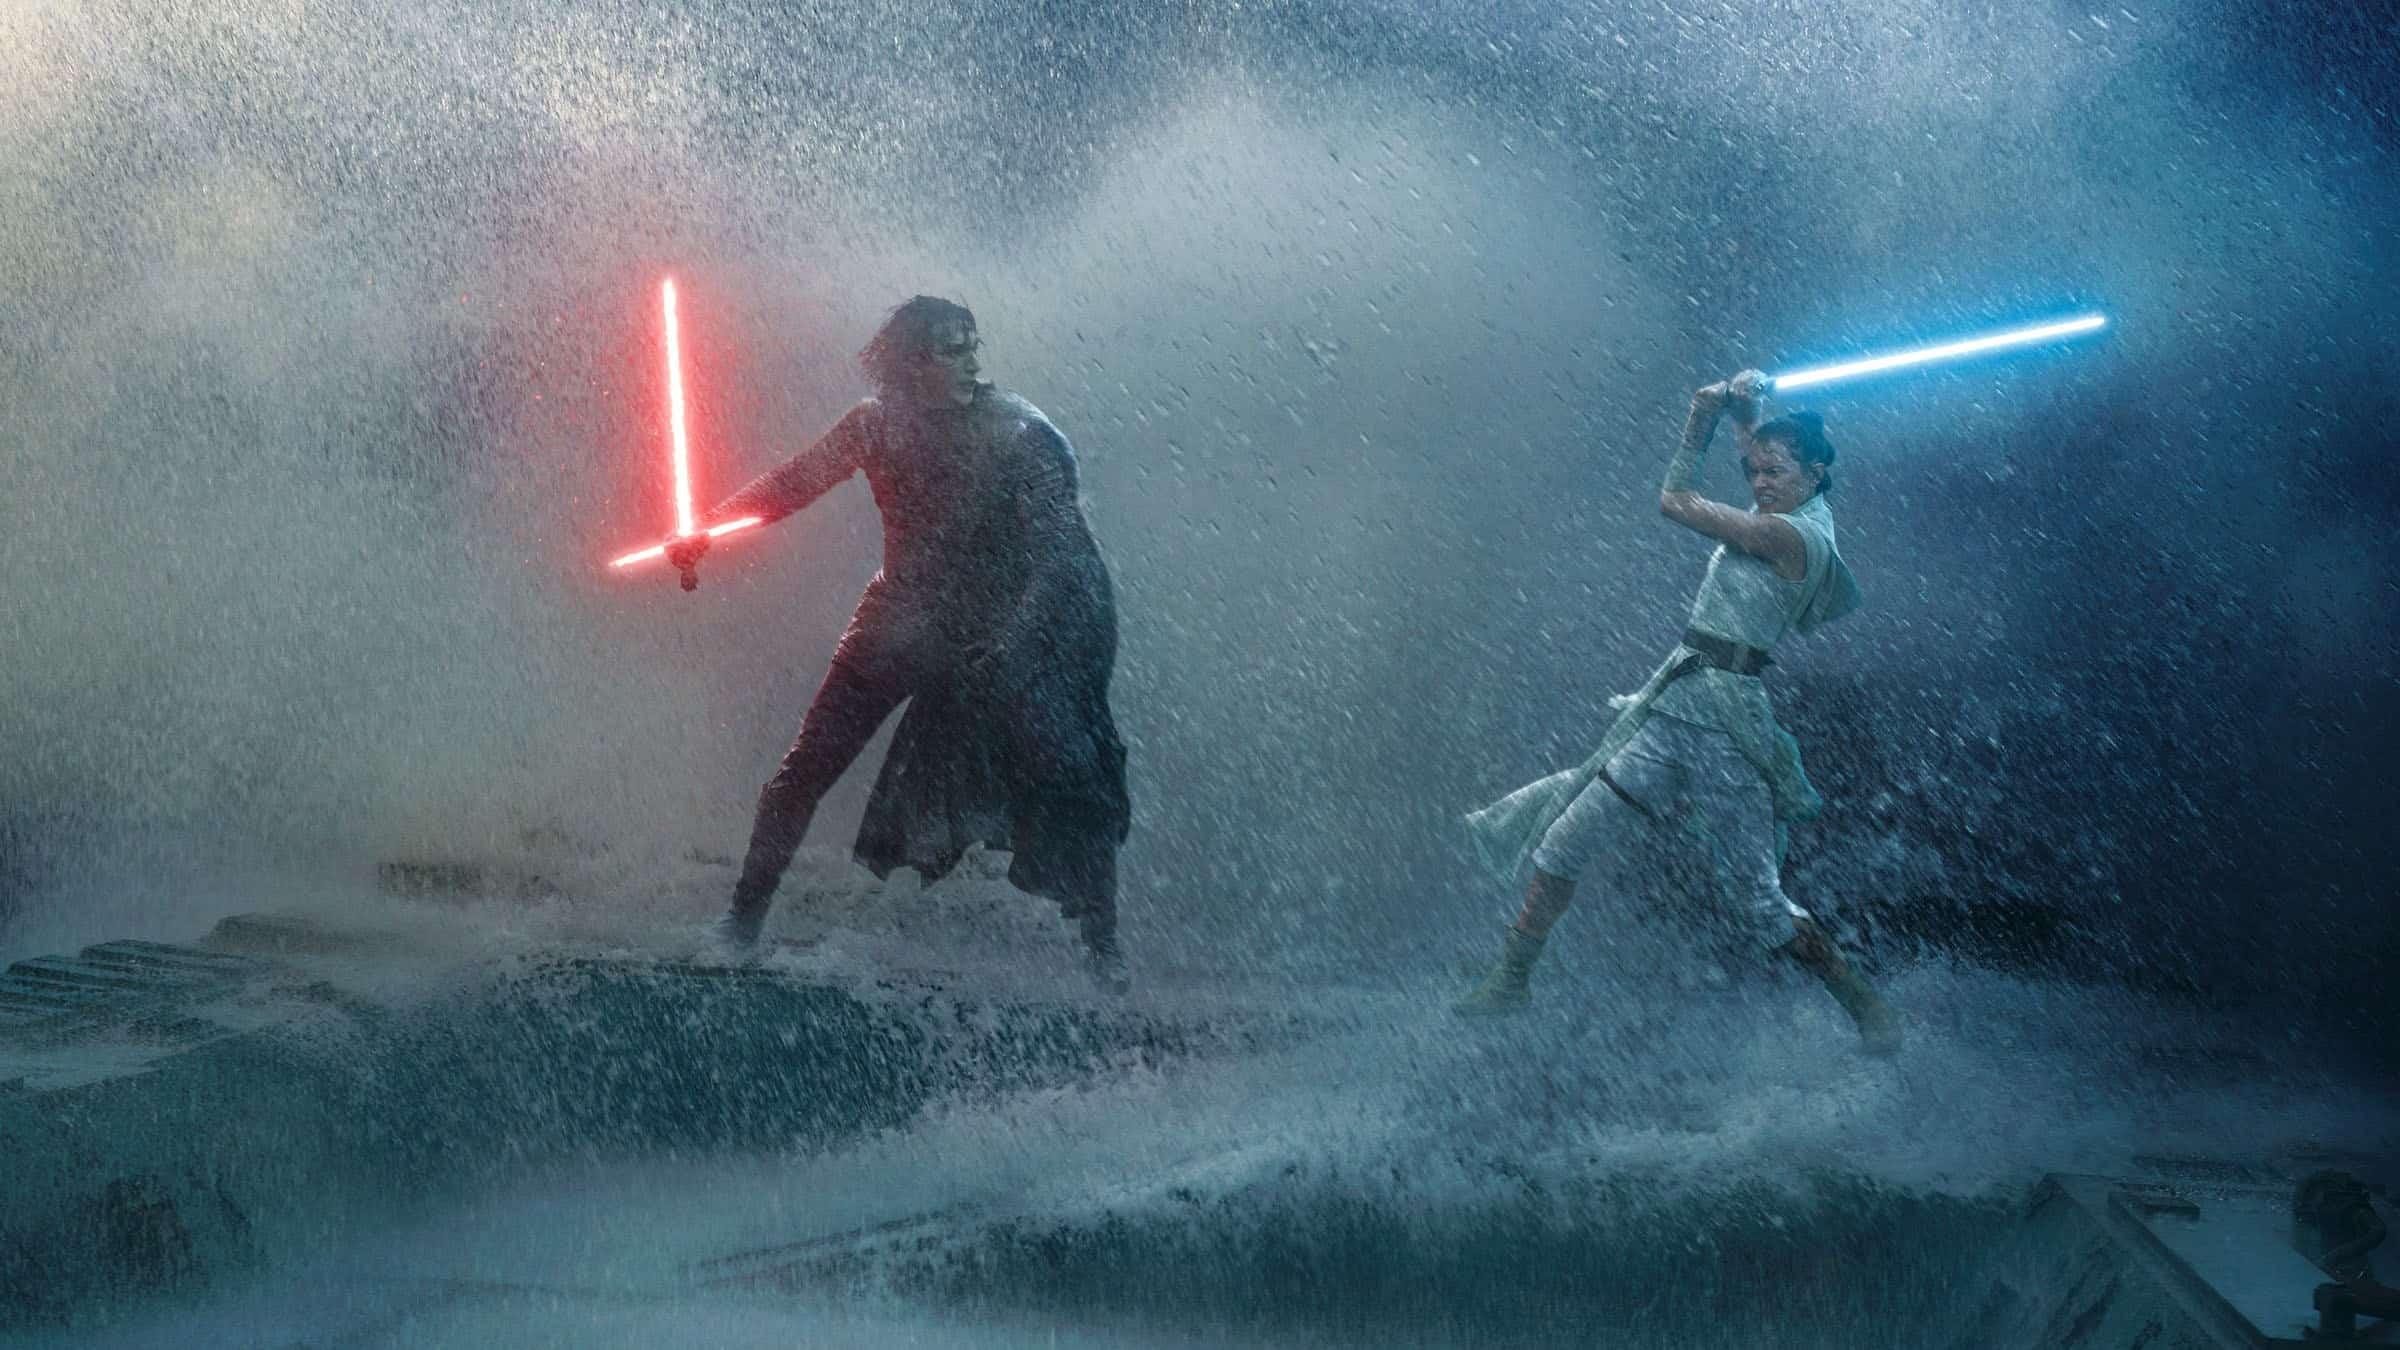 Rey VS Kylo Ren in Star Wars Episode 9